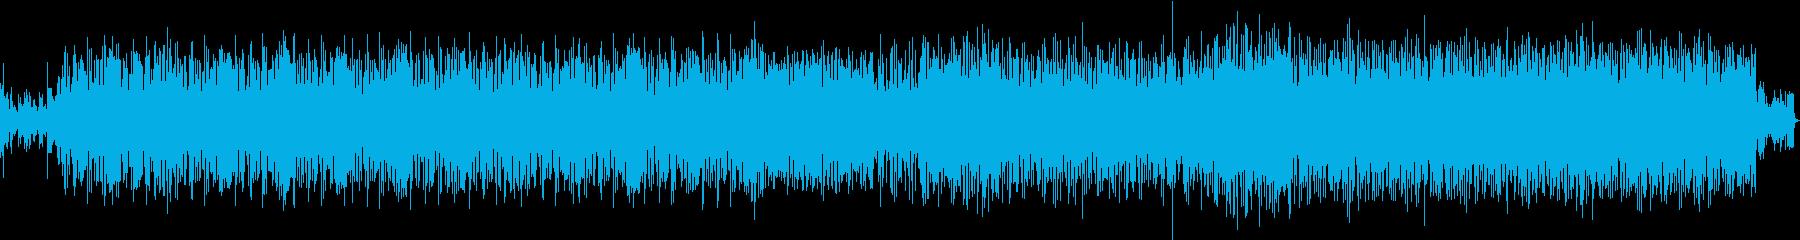 和風なサルサの再生済みの波形